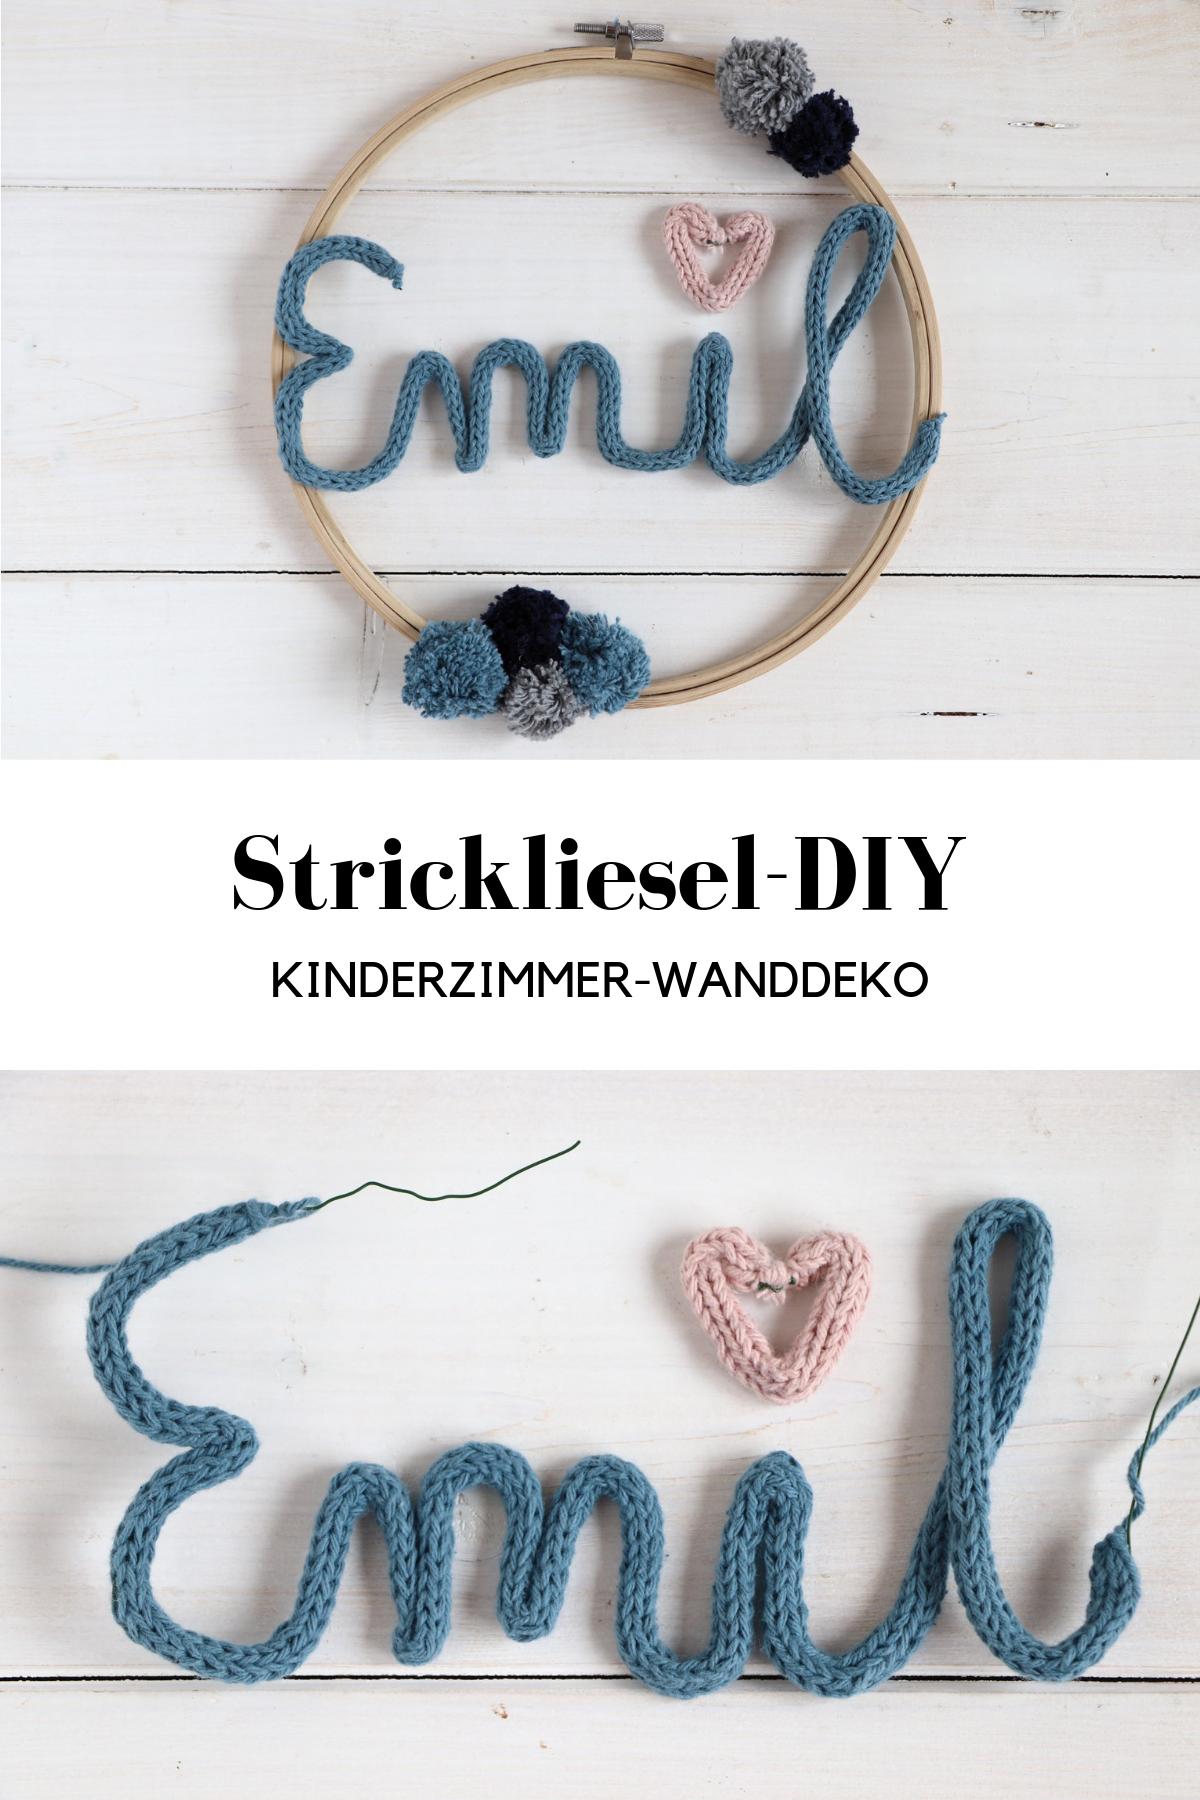 Strickliesel-DIY: Kinderzimmer-Wanddeko